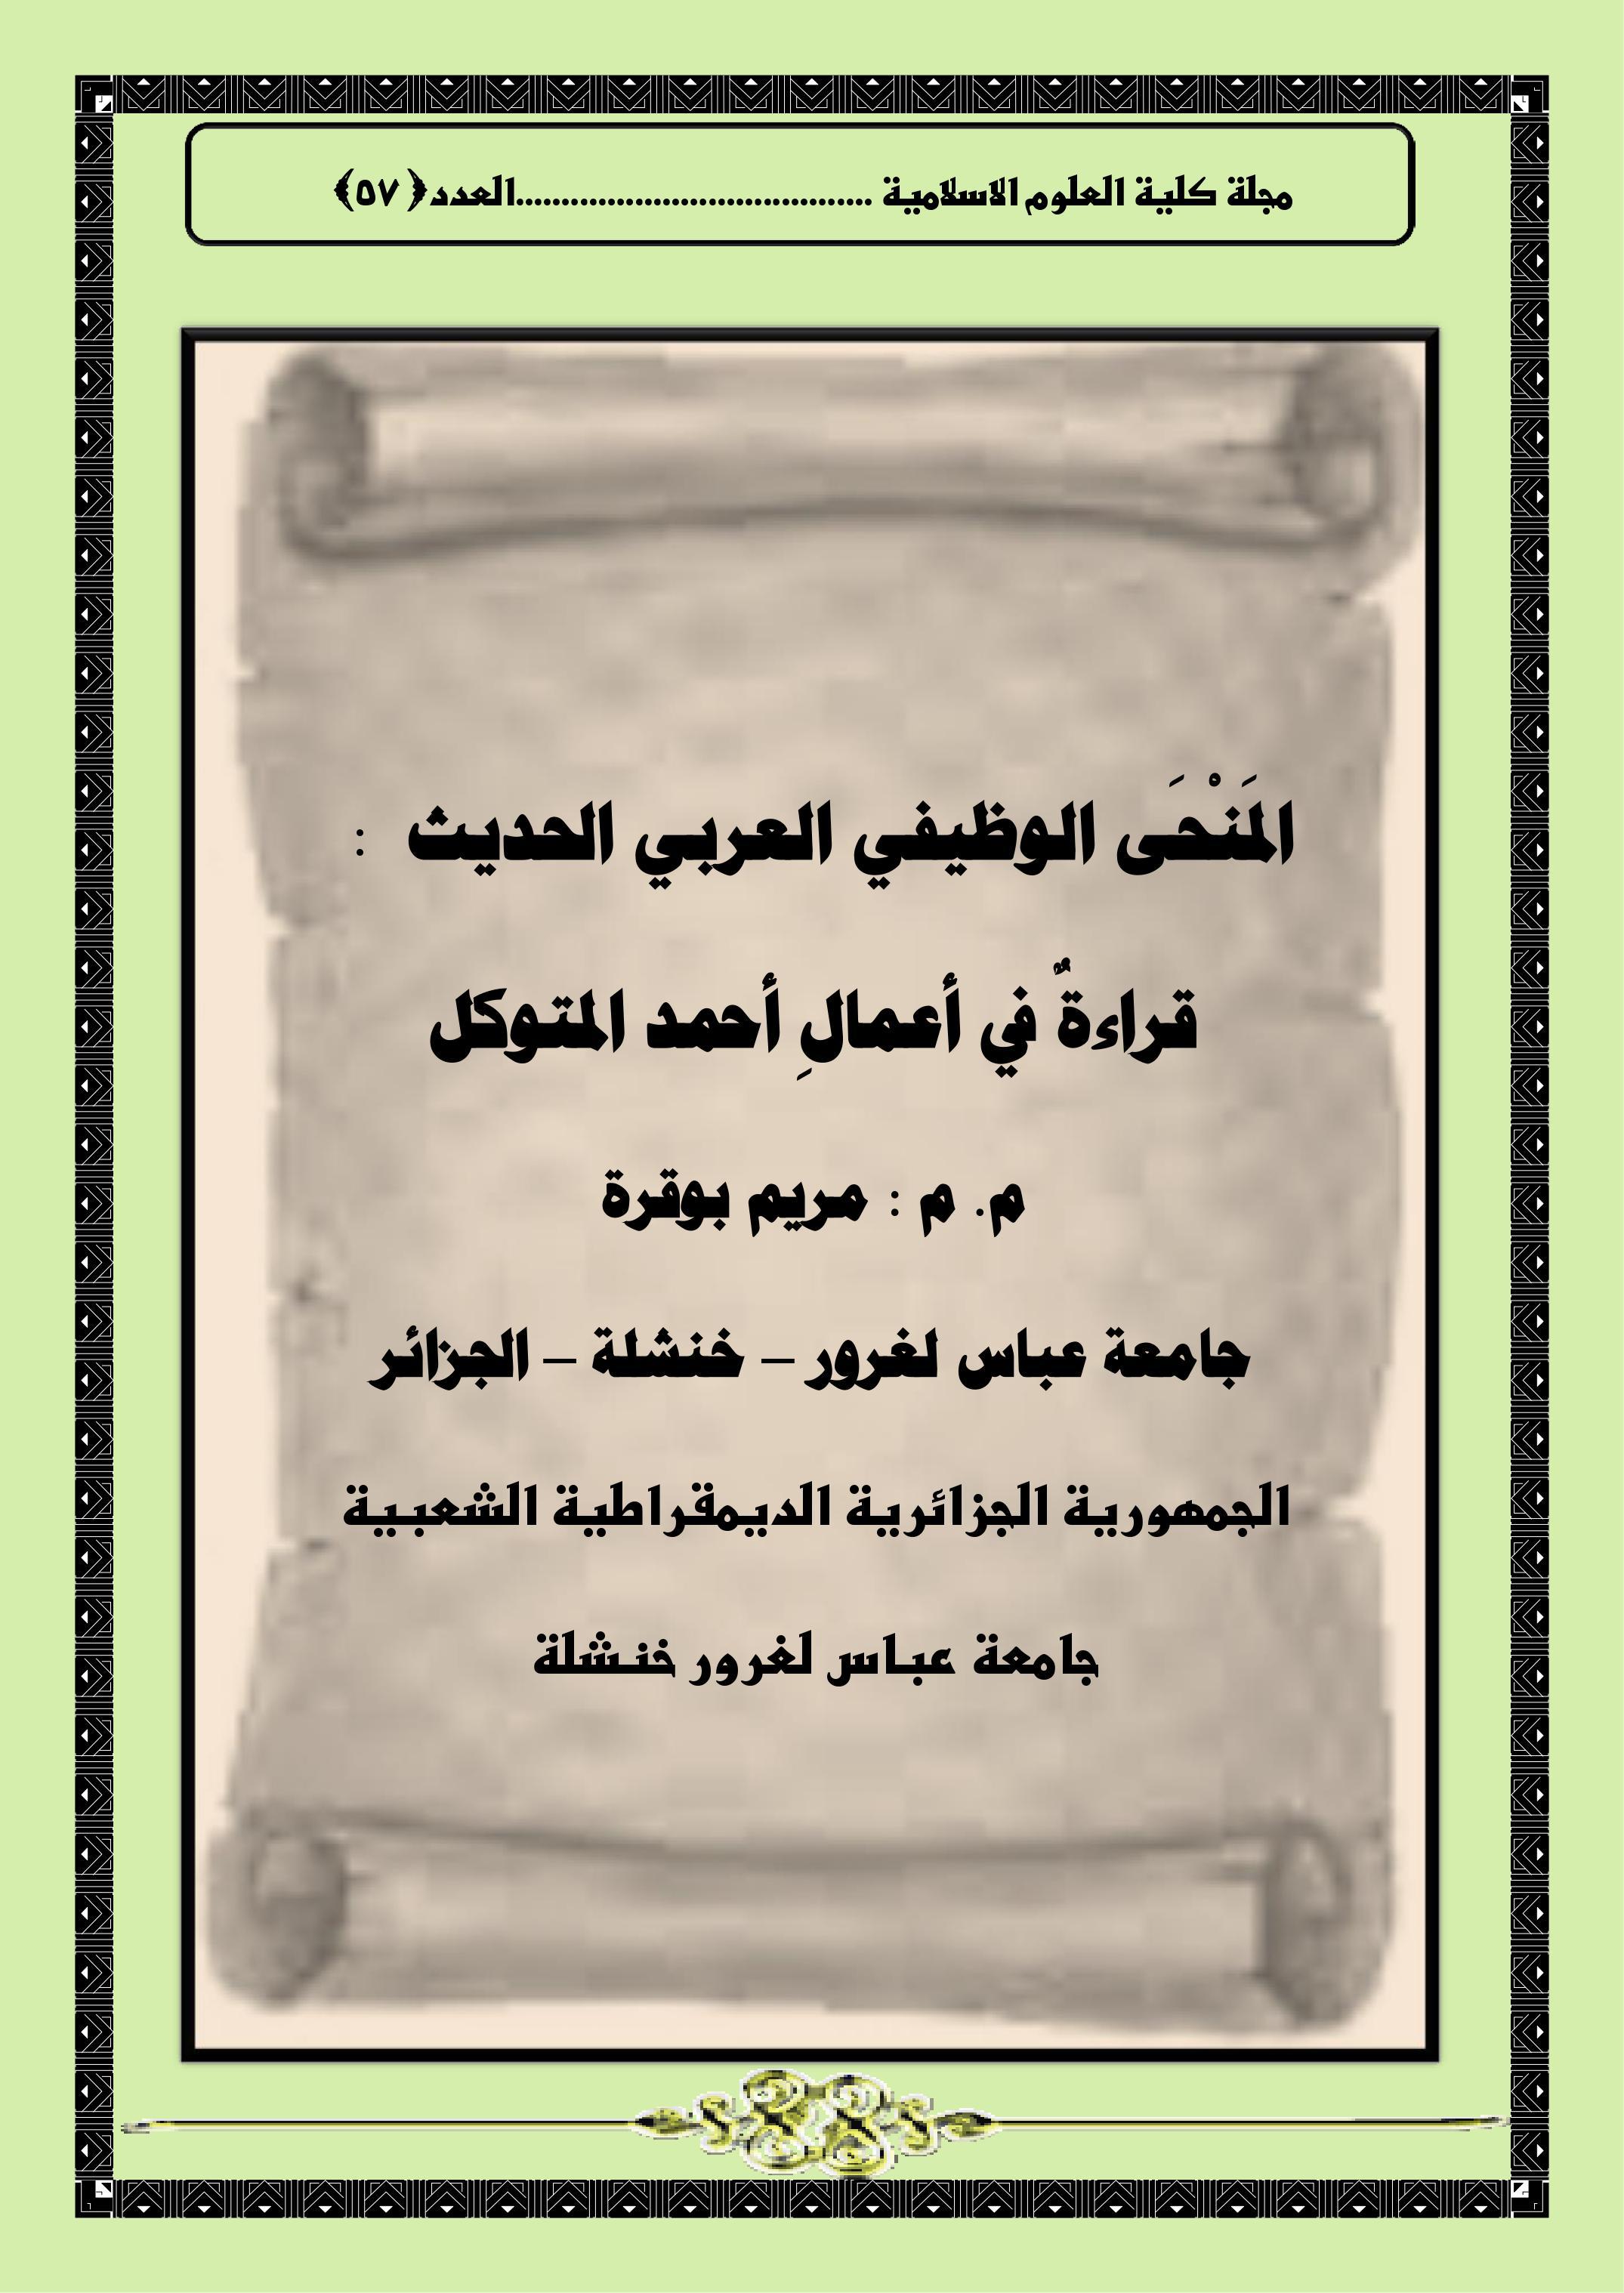 المَنْحَى الوظيفي العربي الحديث :     قراءةٌ في أعمالِ أحمد المتوكل